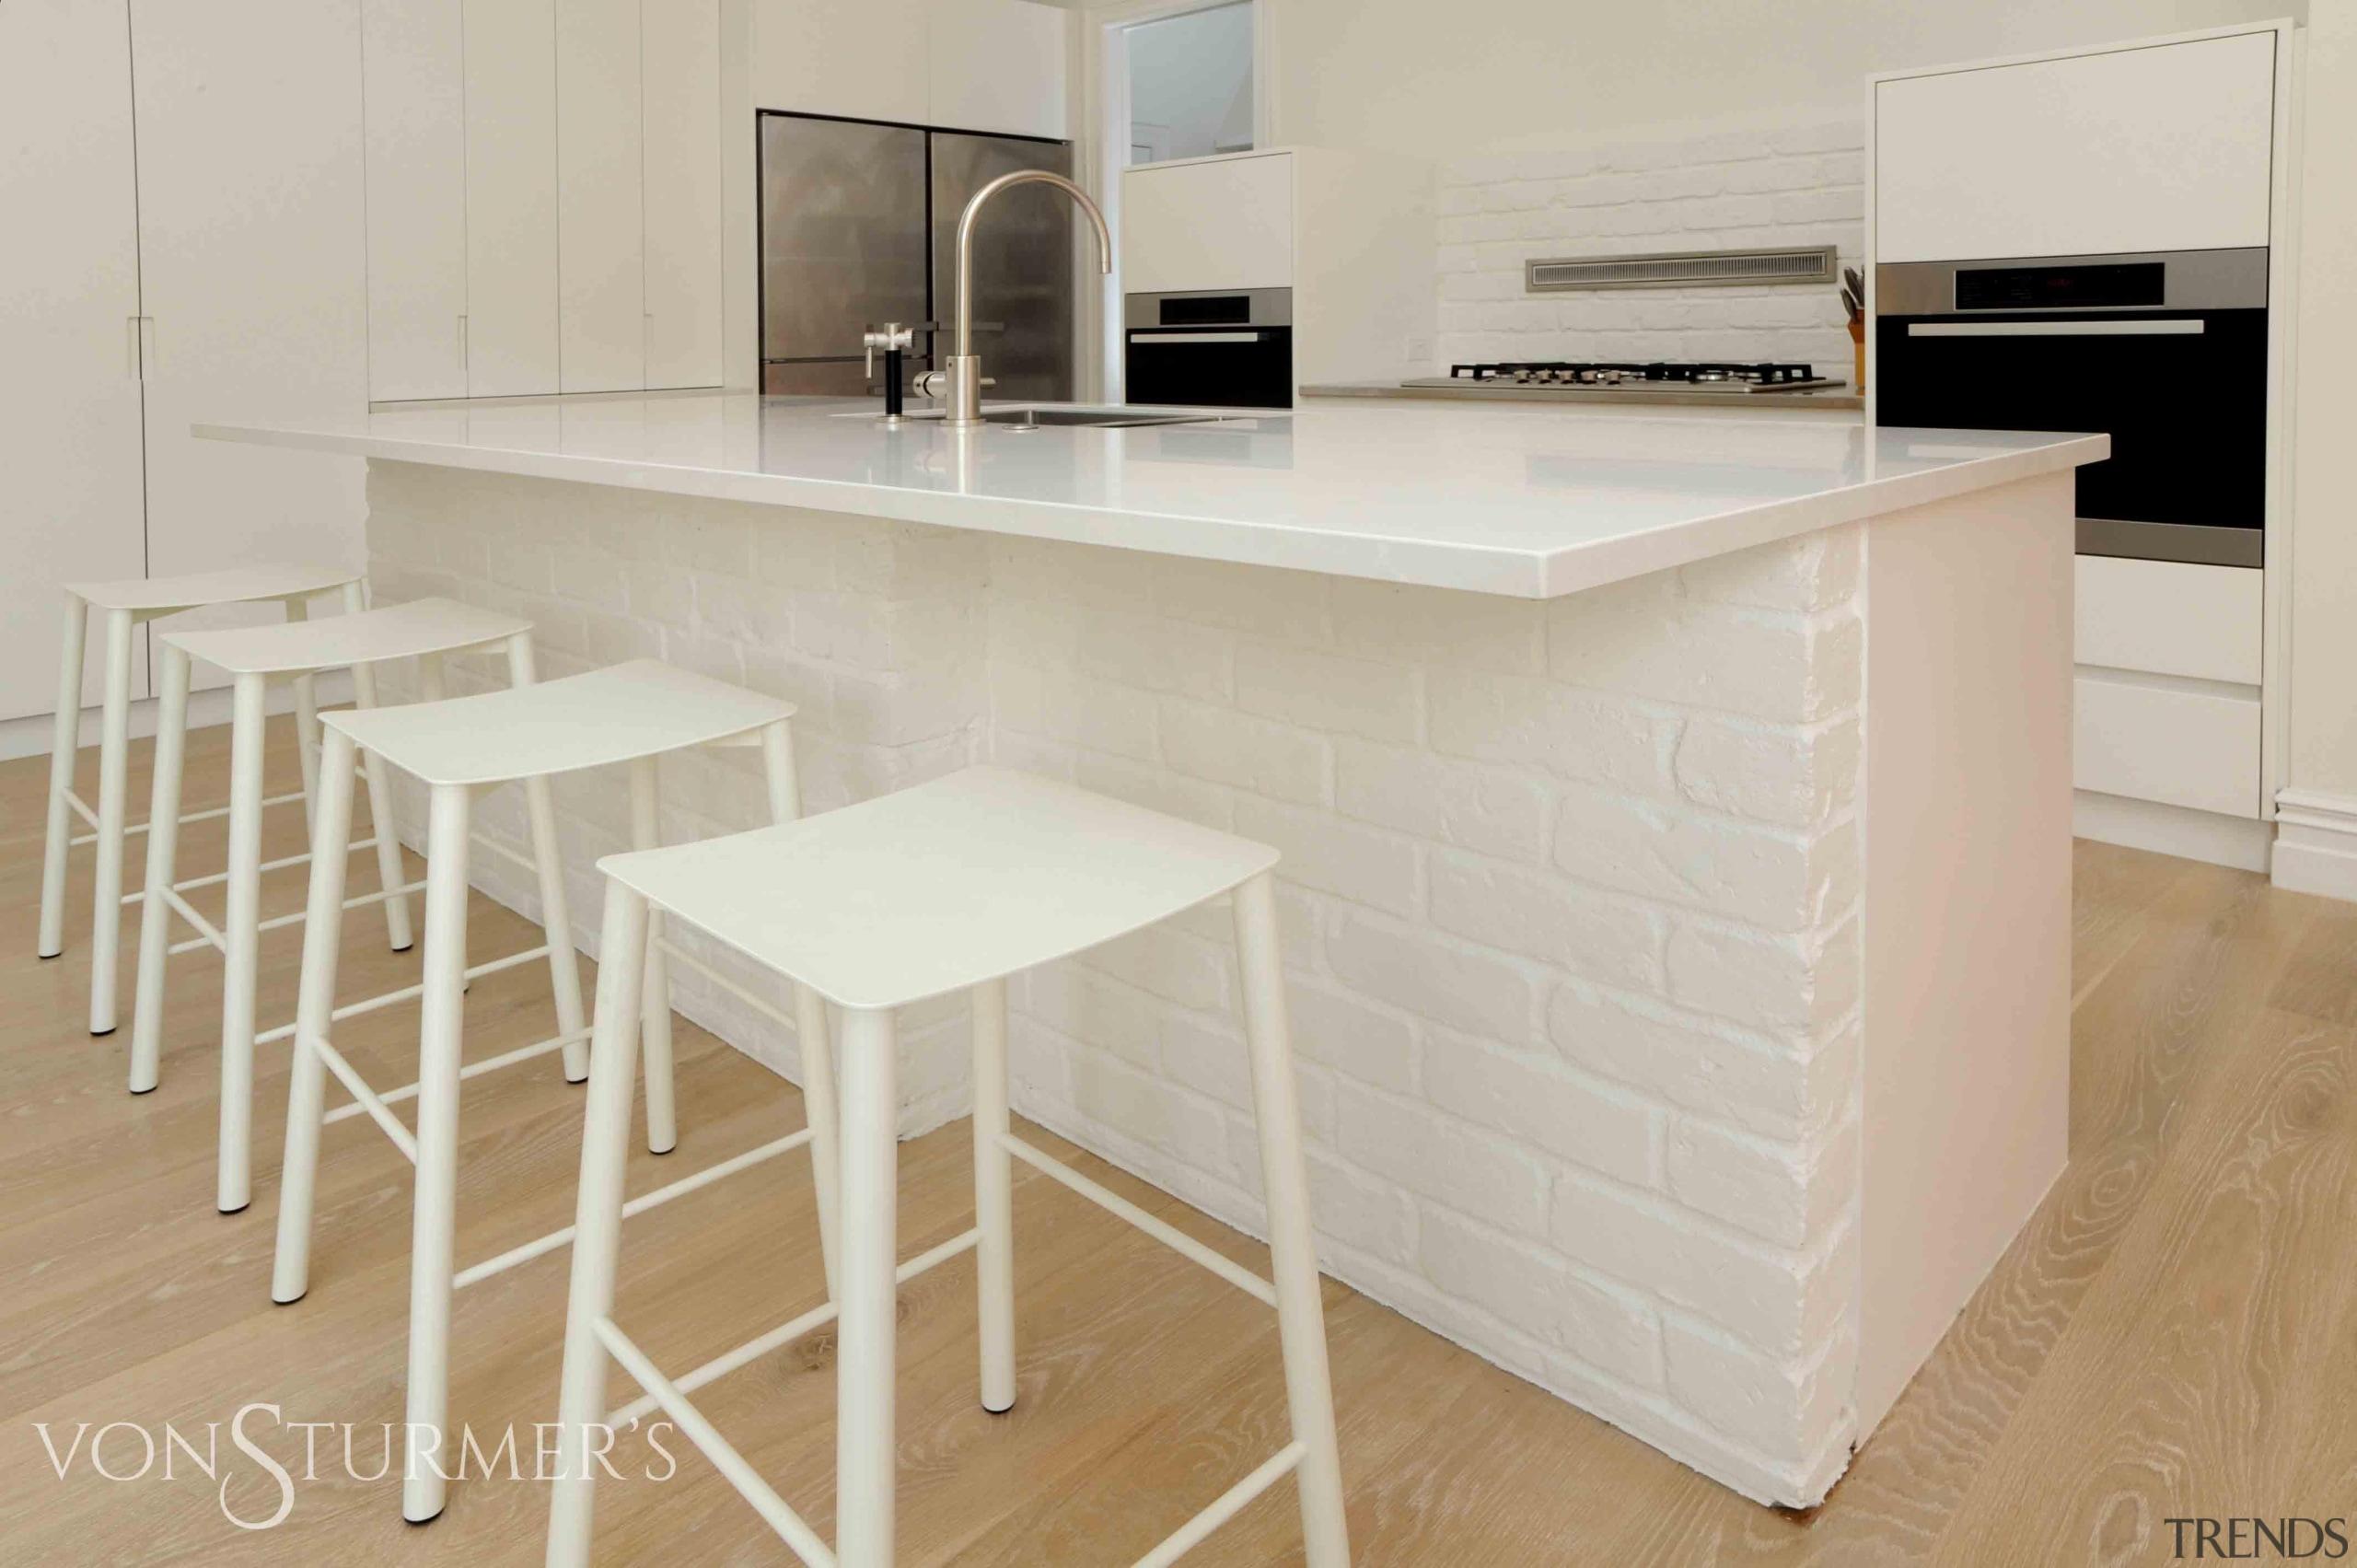 dsc 0053 2.jpg - dsc_0053_2.jpg - countertop | countertop, floor, flooring, furniture, interior design, kitchen, product design, property, table, tile, gray